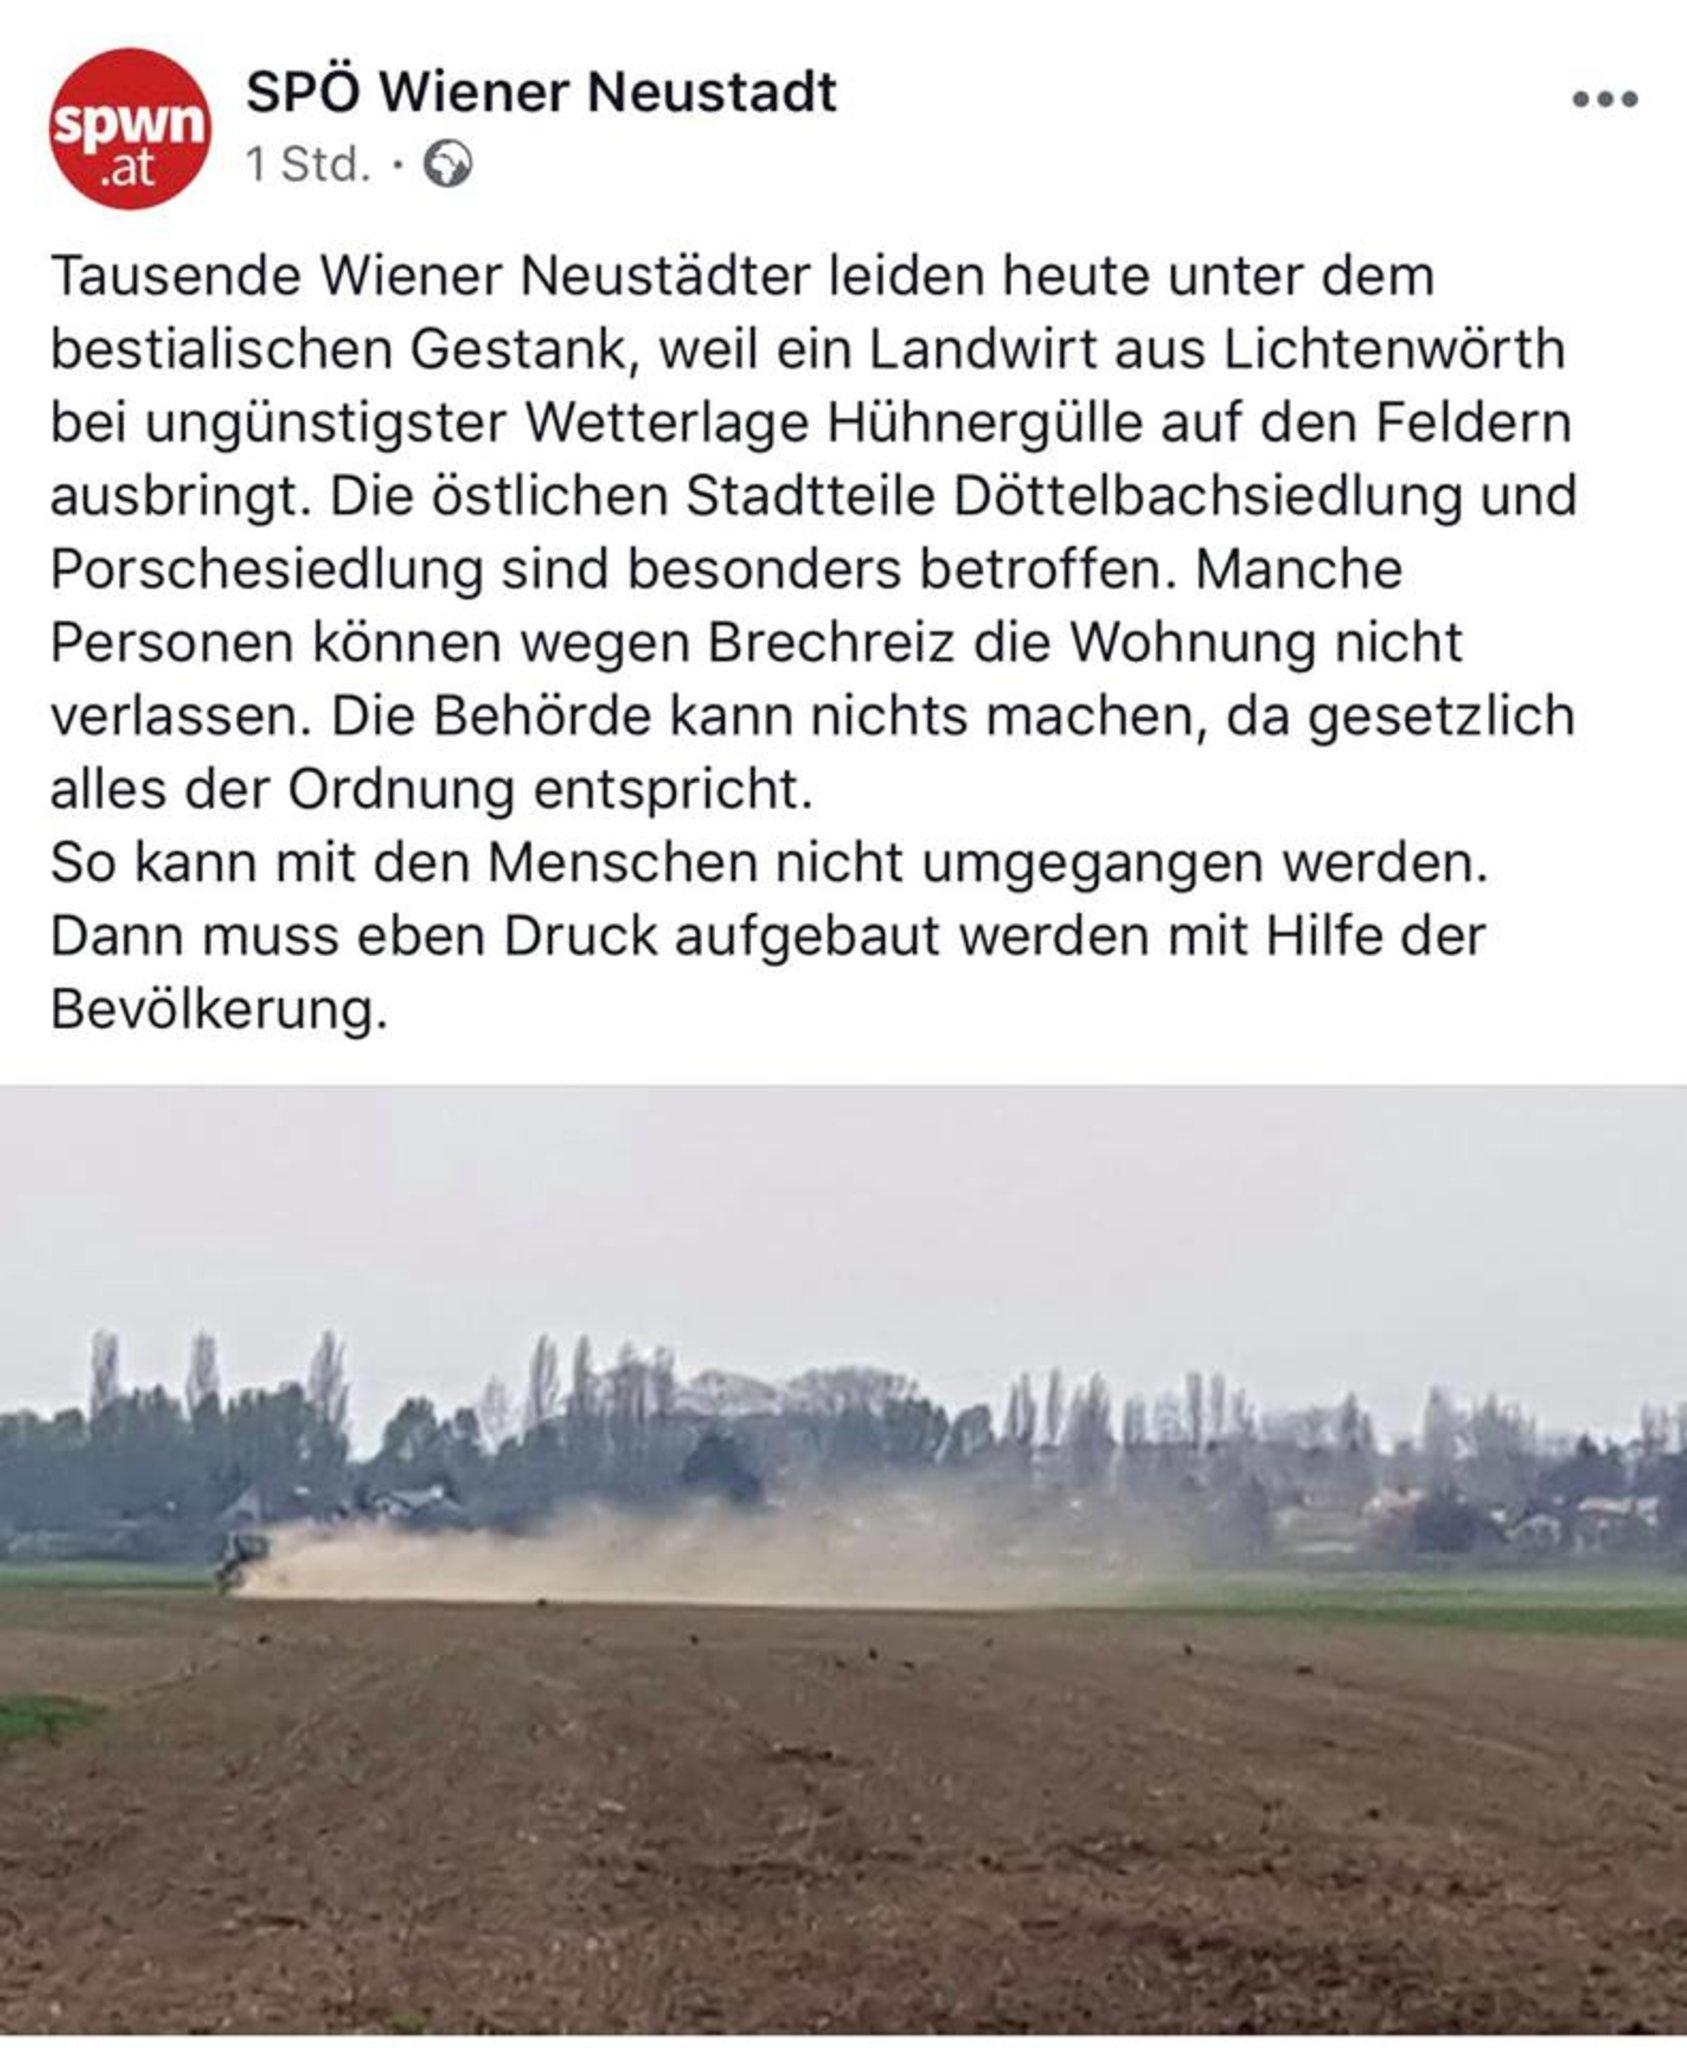 Kontaktanzeigen Lichtenwrth (Wiener Neustadt)   Locanto